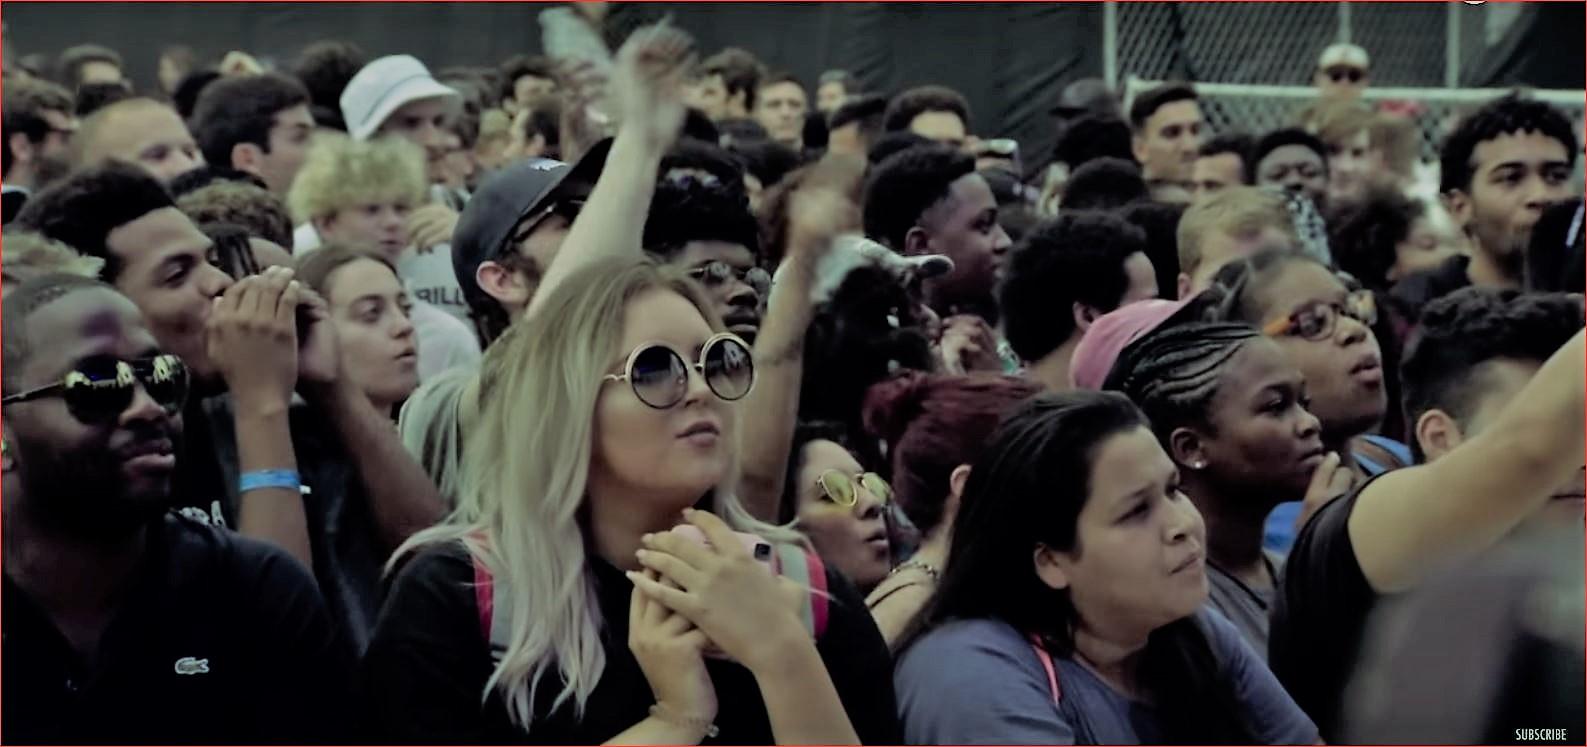 Le public de Smino au Pitchfork Festival Chicago 2018..